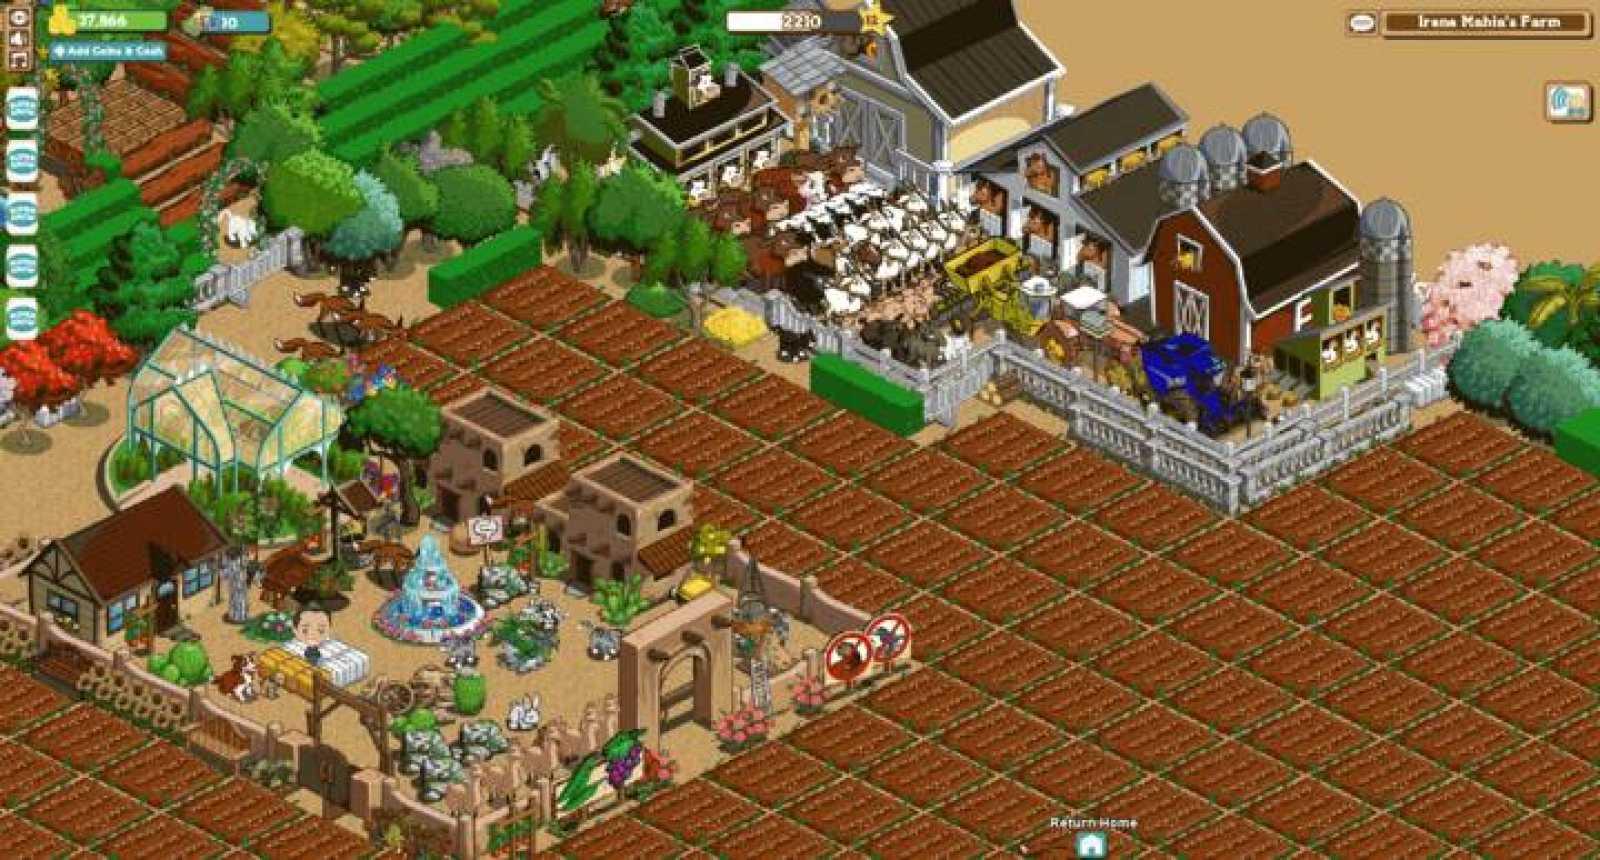 En la granja puedes cuidar del ganado virtual e ir incrementándolo a medida que avanzas en el juego